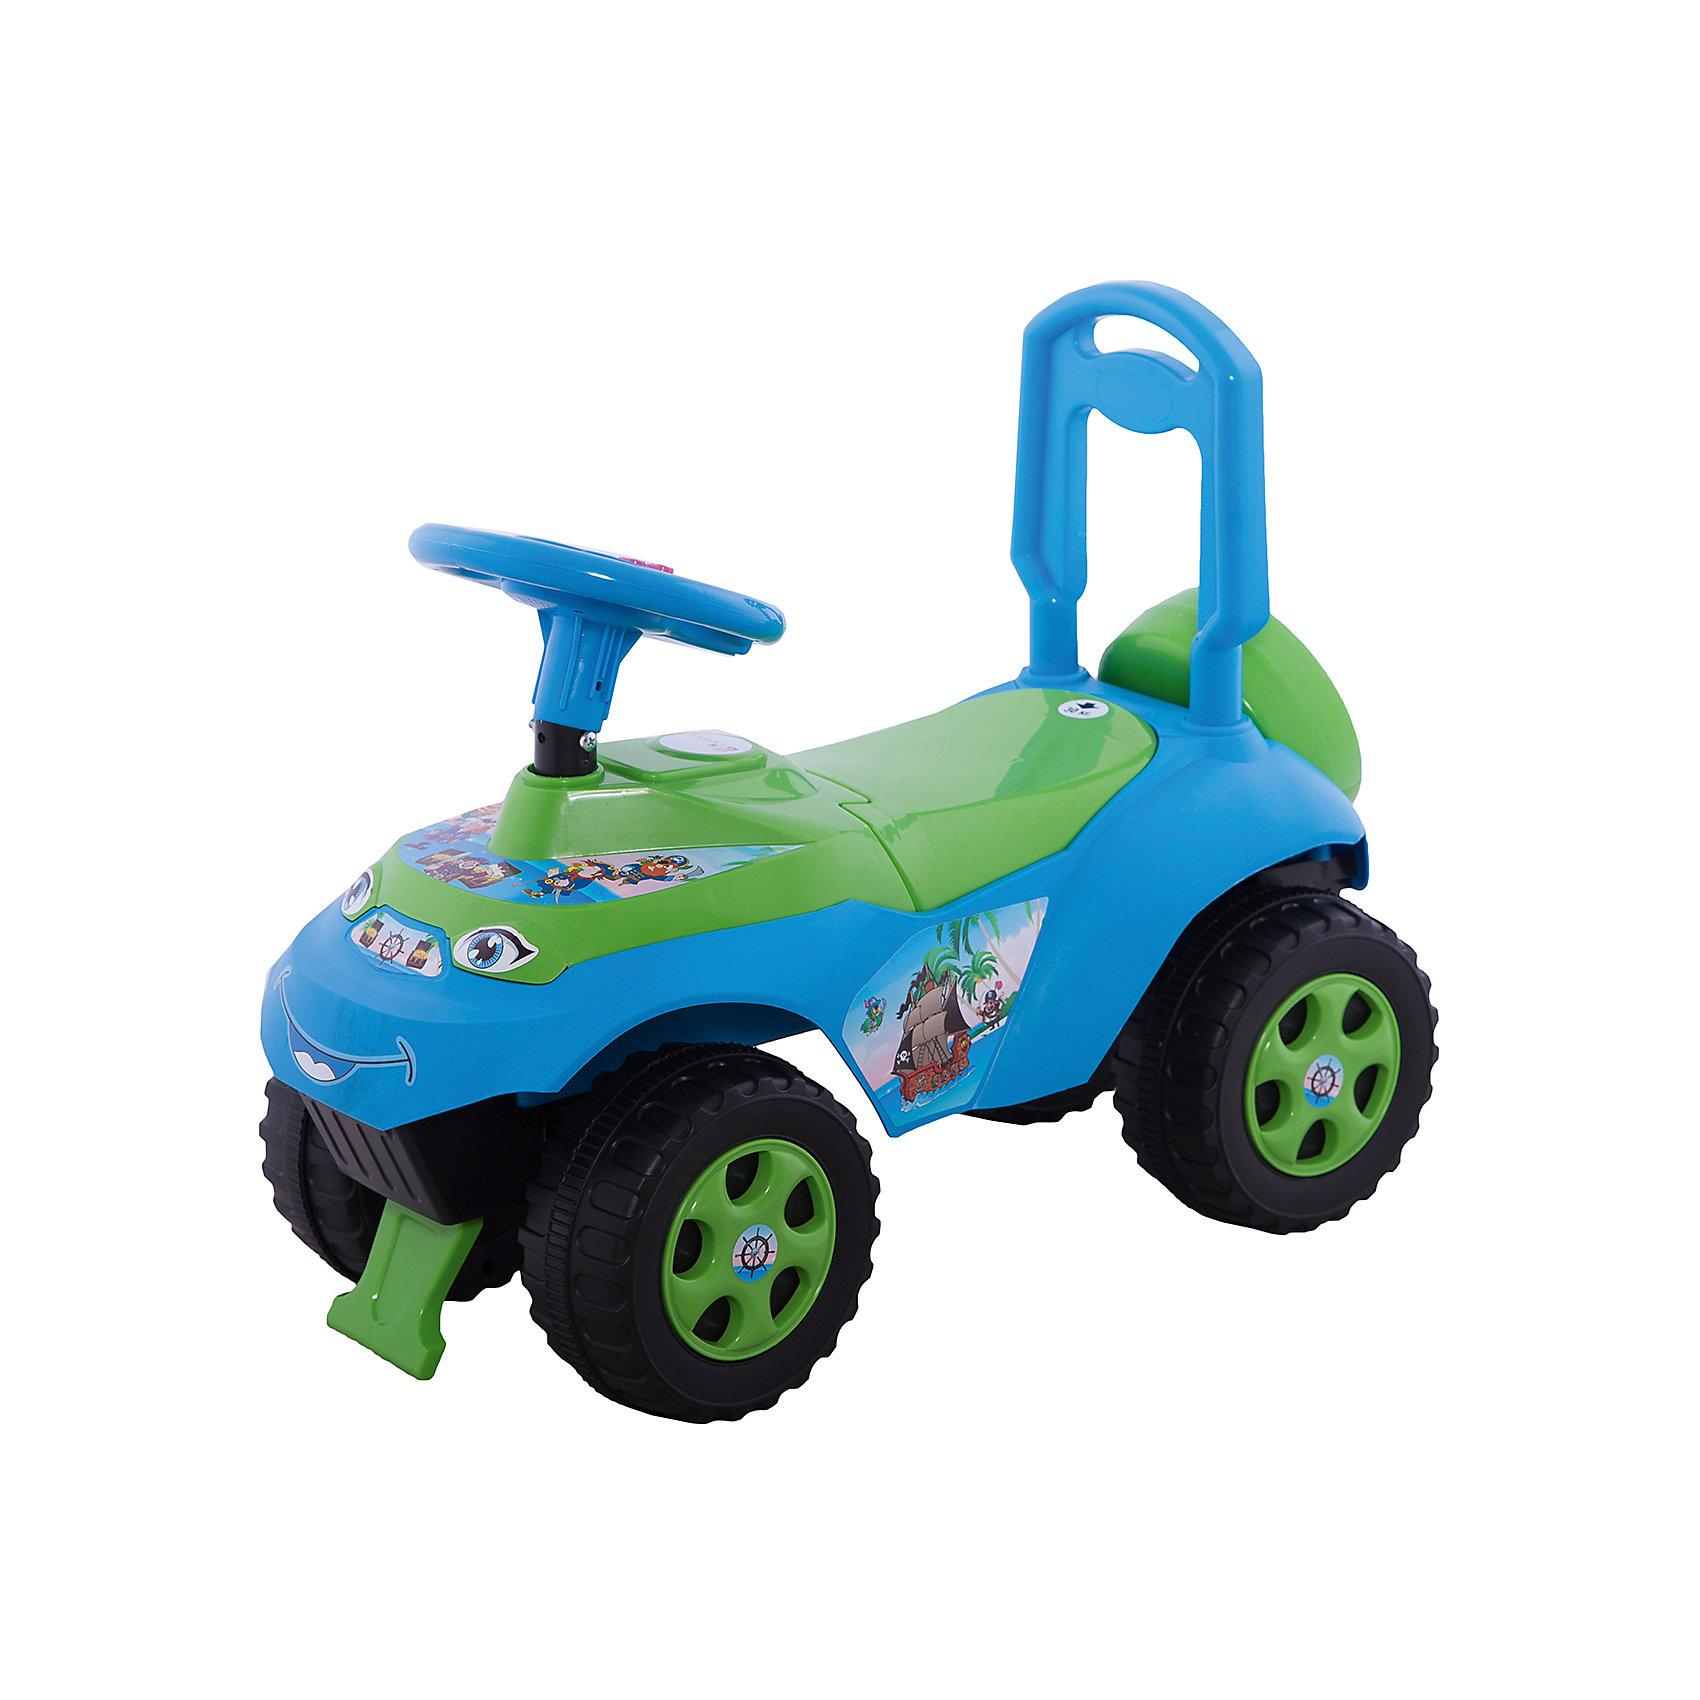 """Машинка-каталка Автошка"""" с музыкальным рулем, голубо-зеленая, DoloniМашинки-каталки<br>Характеристики товара:<br><br>• возраст: от 3 лет;<br>• максимальная нагрузка: 35 кг;<br>• материал: пластик;<br>• высота до сидения: 25 см;<br>• размер упаковки: 61х49х40 см;<br>• вес упаковки: 2,5 кг;<br>• страна производитель: Украина.<br><br>Каталка-толокар «Автошка» Doloni зелено-голубая позволит детям весело и активно провести время на прогулке. Сидя на ней, ребенок отталкивается ножками от земли и едет вперед, что способствует физическому развитию, учит держать равновесие. Кроме этого, на ней имеется ручка-толокар, держась за которую дети помладше могут учиться самостоятельно ходить.<br><br>Игрушка научит детей правилам дорожного движения. На руле расположены кнопки, при нажатии на которые, малыш услышит разнообразные фразы о правилах дорожного движения. Такие так «Красный цвет — стоим и ждем» и другие. Под сидением расположен отсек для вещей и игрушек. Блокиратор не позволит каталке опрокинуться, если ребенок наклонился вперед или назад. Каталка выполнена из качественного безопасного пластика. На ней отсутствуют острые углы, которые могут поранить ребенка.<br><br>Каталку-толокар «Автошка» Doloni зелено-голубую можно приобрести в нашем интернет-магазине.<br><br>Ширина мм: 610<br>Глубина мм: 300<br>Высота мм: 490<br>Вес г: 2500<br>Возраст от месяцев: 36<br>Возраст до месяцев: 2147483647<br>Пол: Унисекс<br>Возраст: Детский<br>SKU: 6963501"""